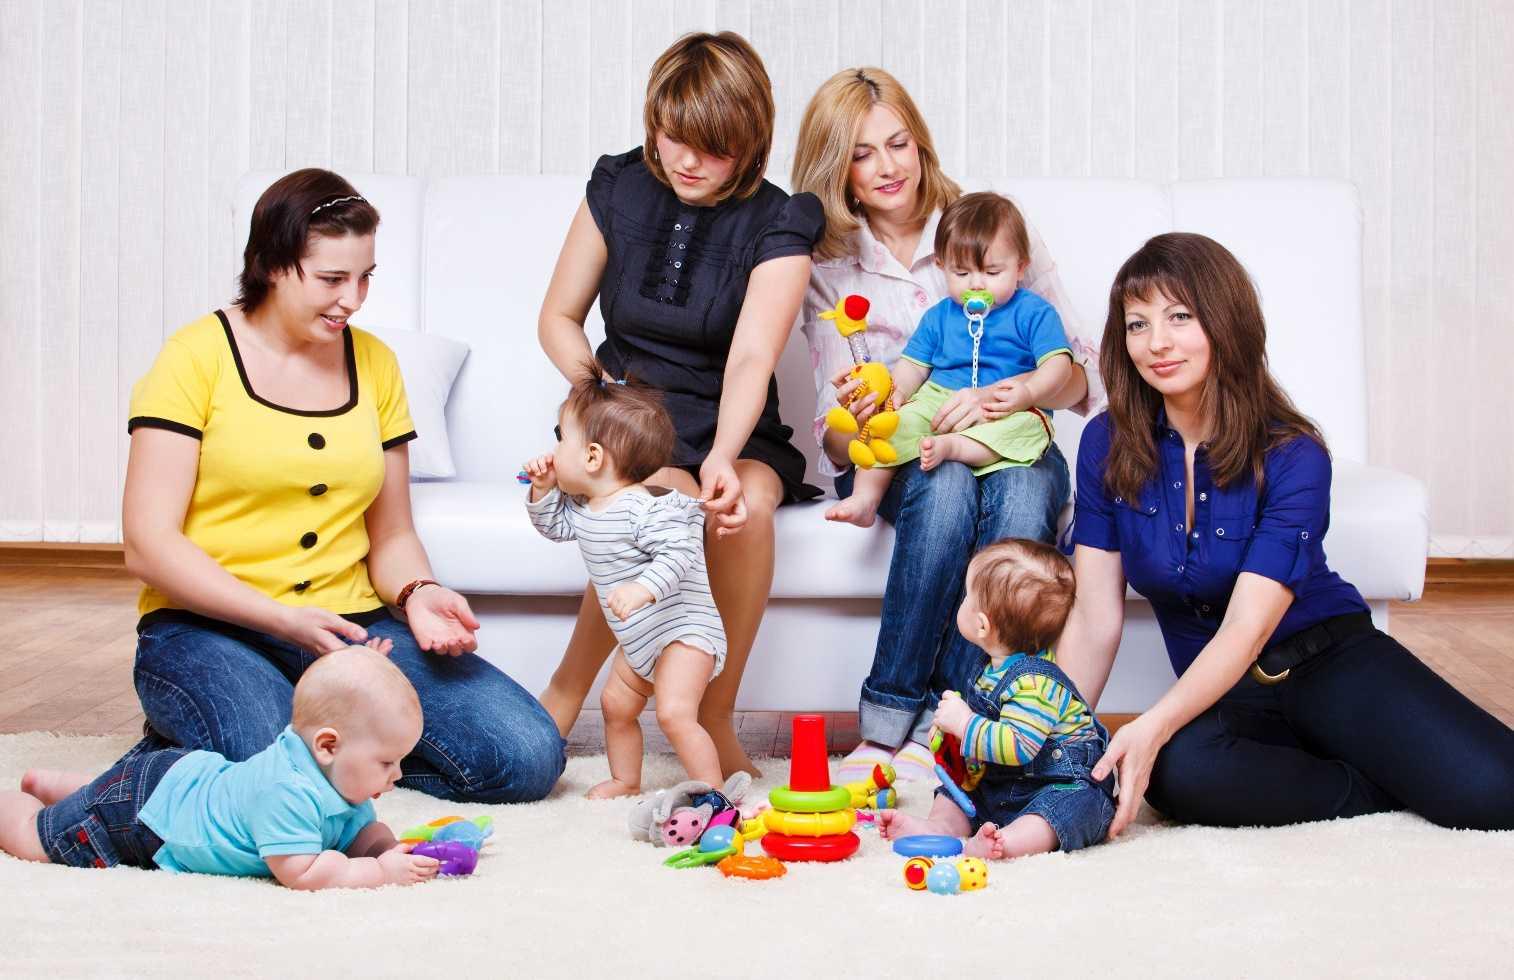 Манифест многодетной матери: почему дети – это тяжело и что делать, если хочется все бросить и сбежать